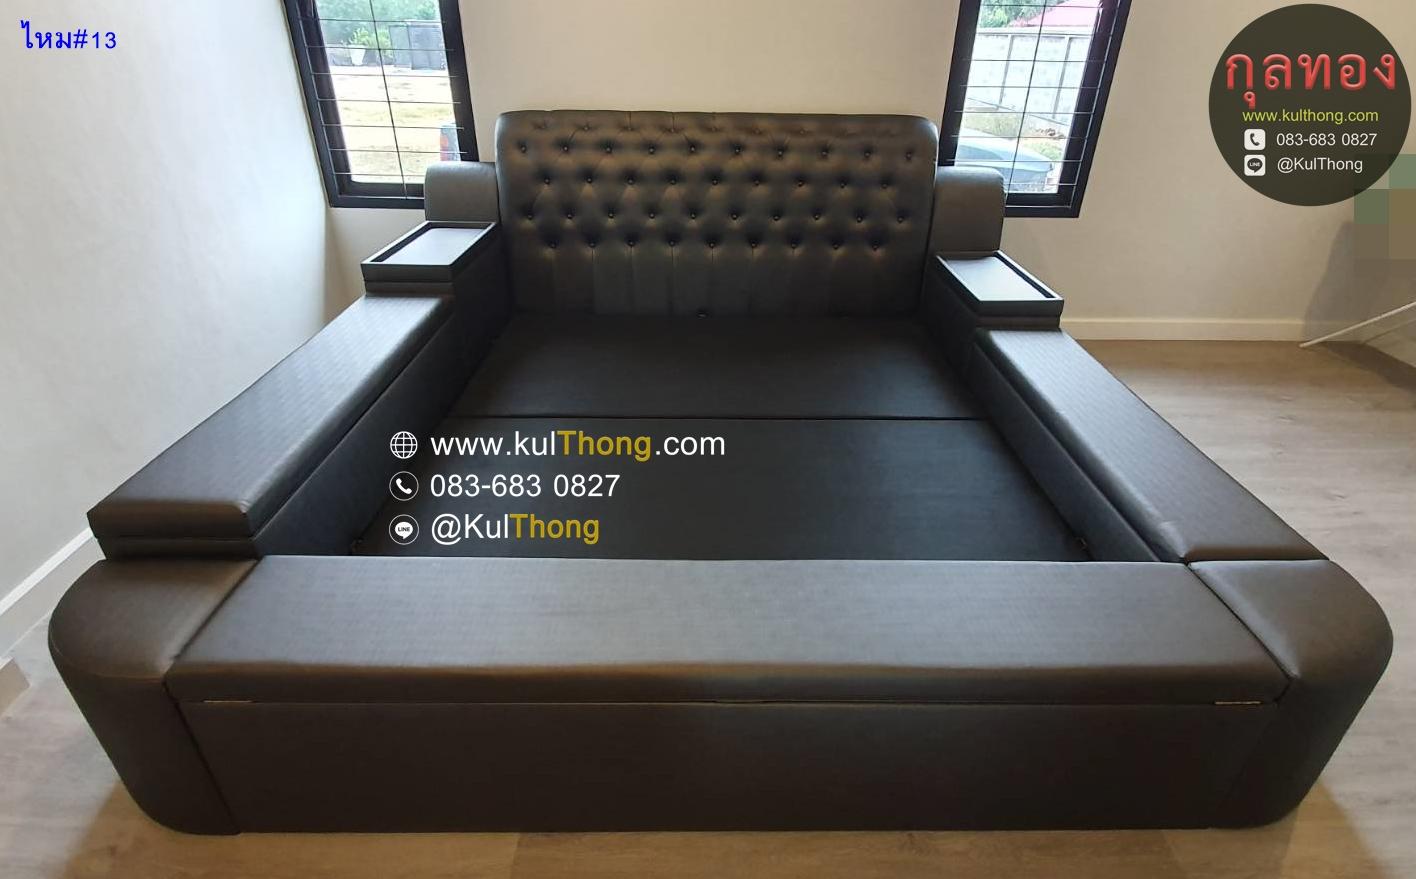 เตียงกล่อง เตียงมีกล่อง เตียงขนาดใหญ่ เตียงมีตู้ข้างเตียง เตียงครอบครัว